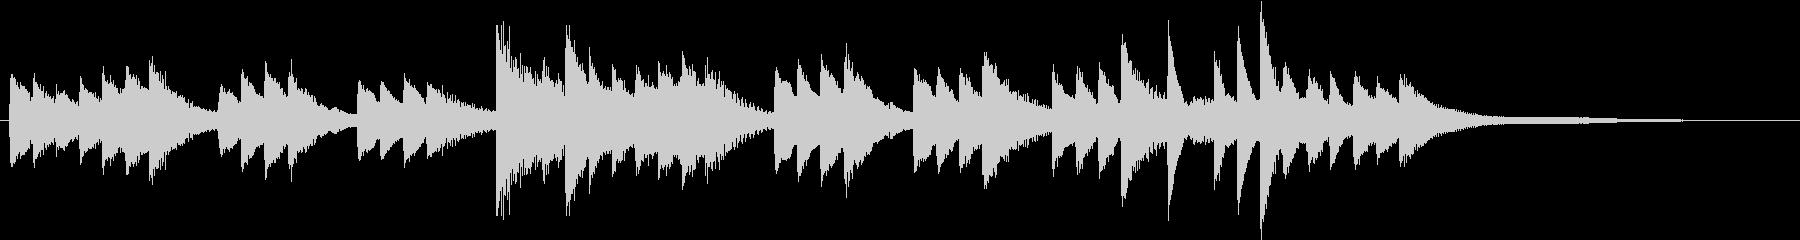 切ない和音のもの憂げな秋のピアノジングルの未再生の波形